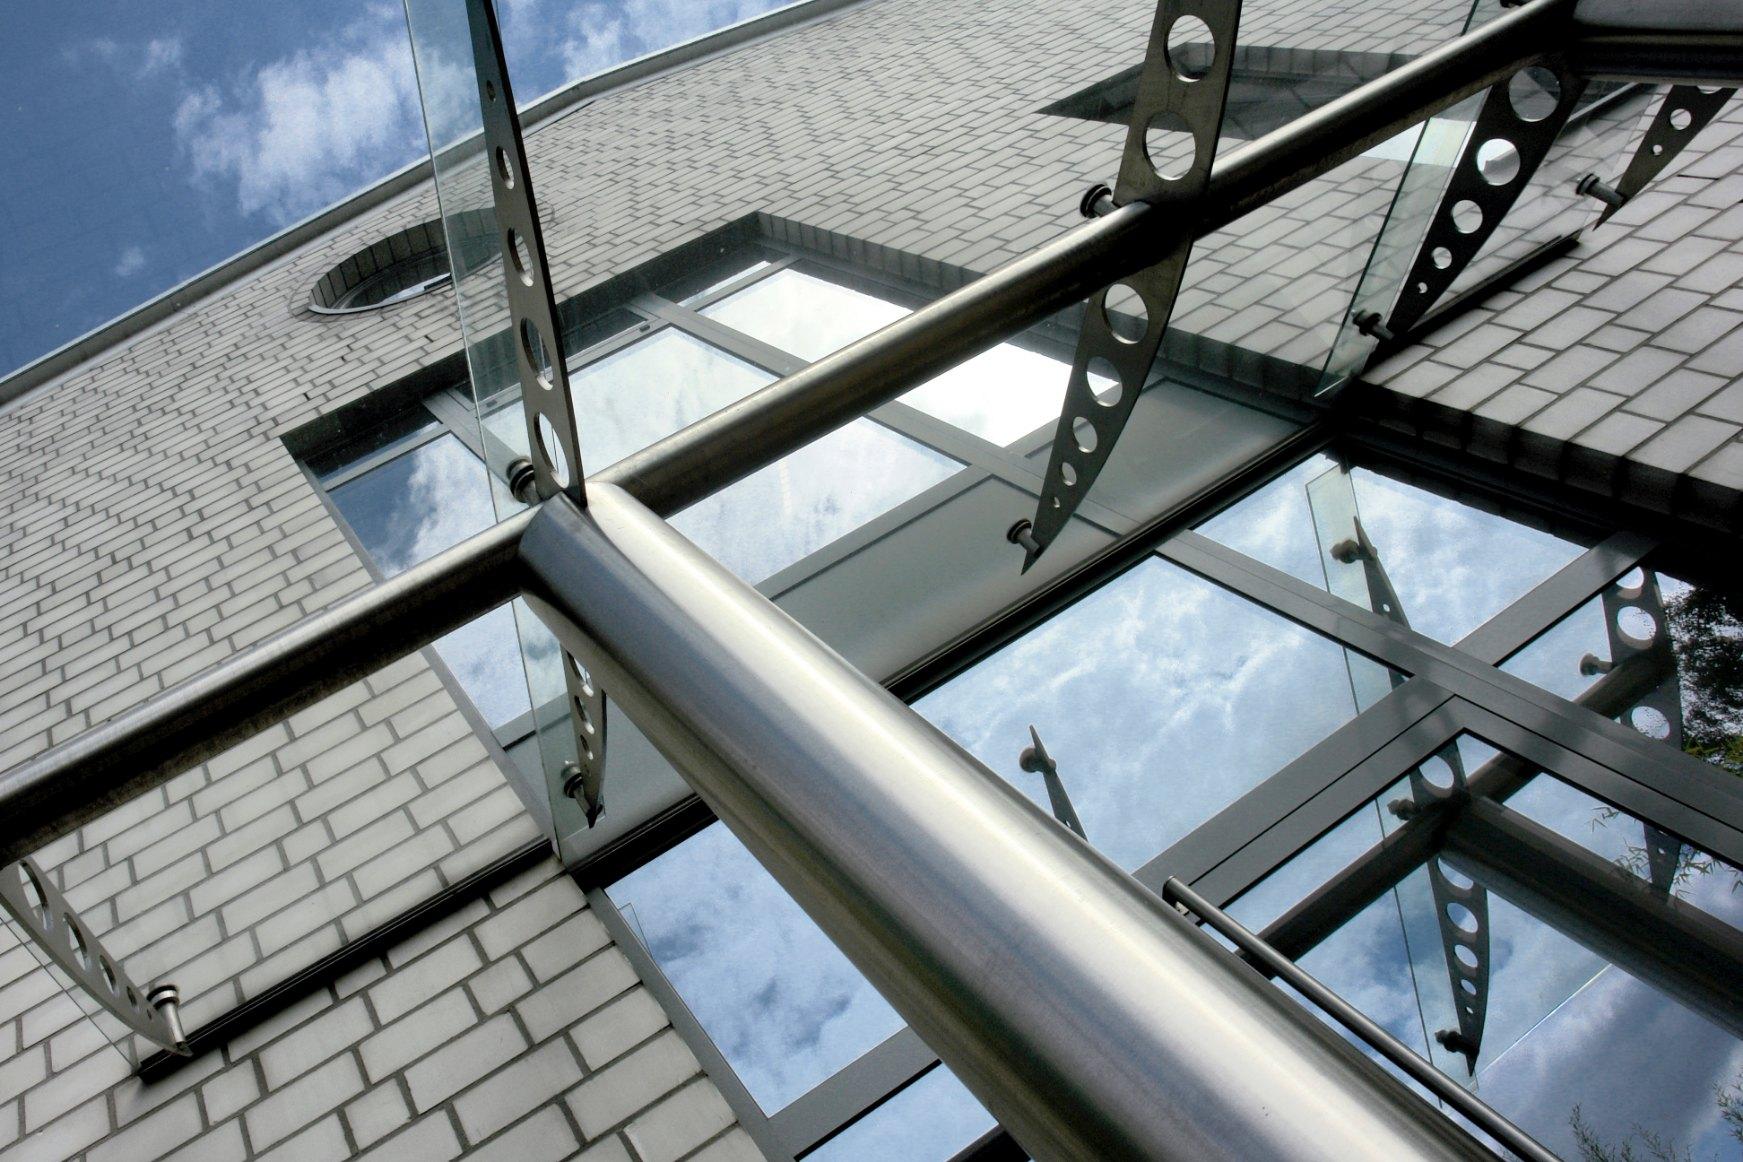 HORI/® Haust/ür Stra/ßburg I Kunststoff Haust/üre Eingangst/üren Aussent/ür mit Glaseinsatz I Farbe wei/ß I Gr/ö/ße 2000 x 880 mm